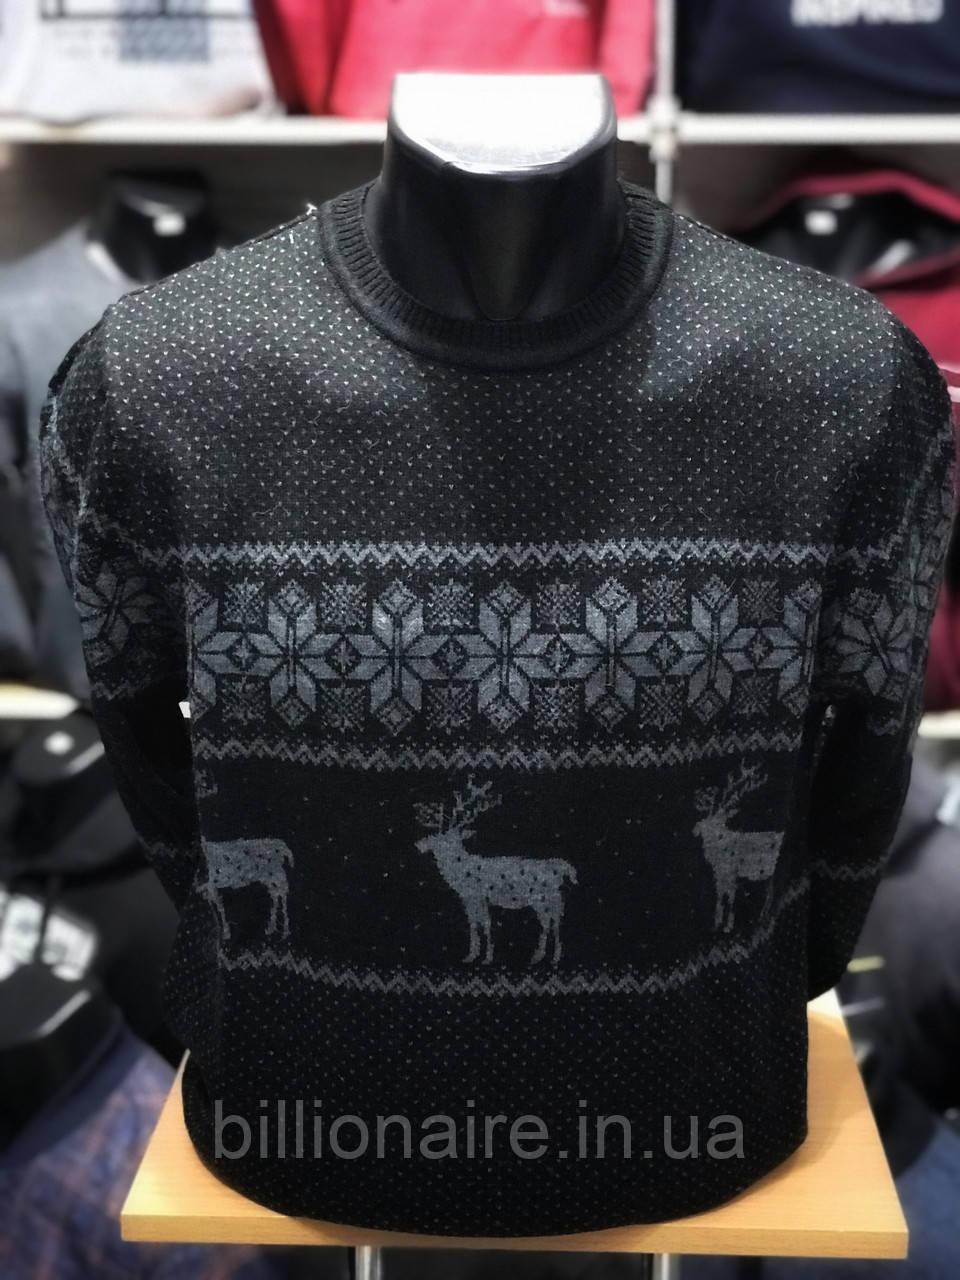 Новорічний светр з оленями